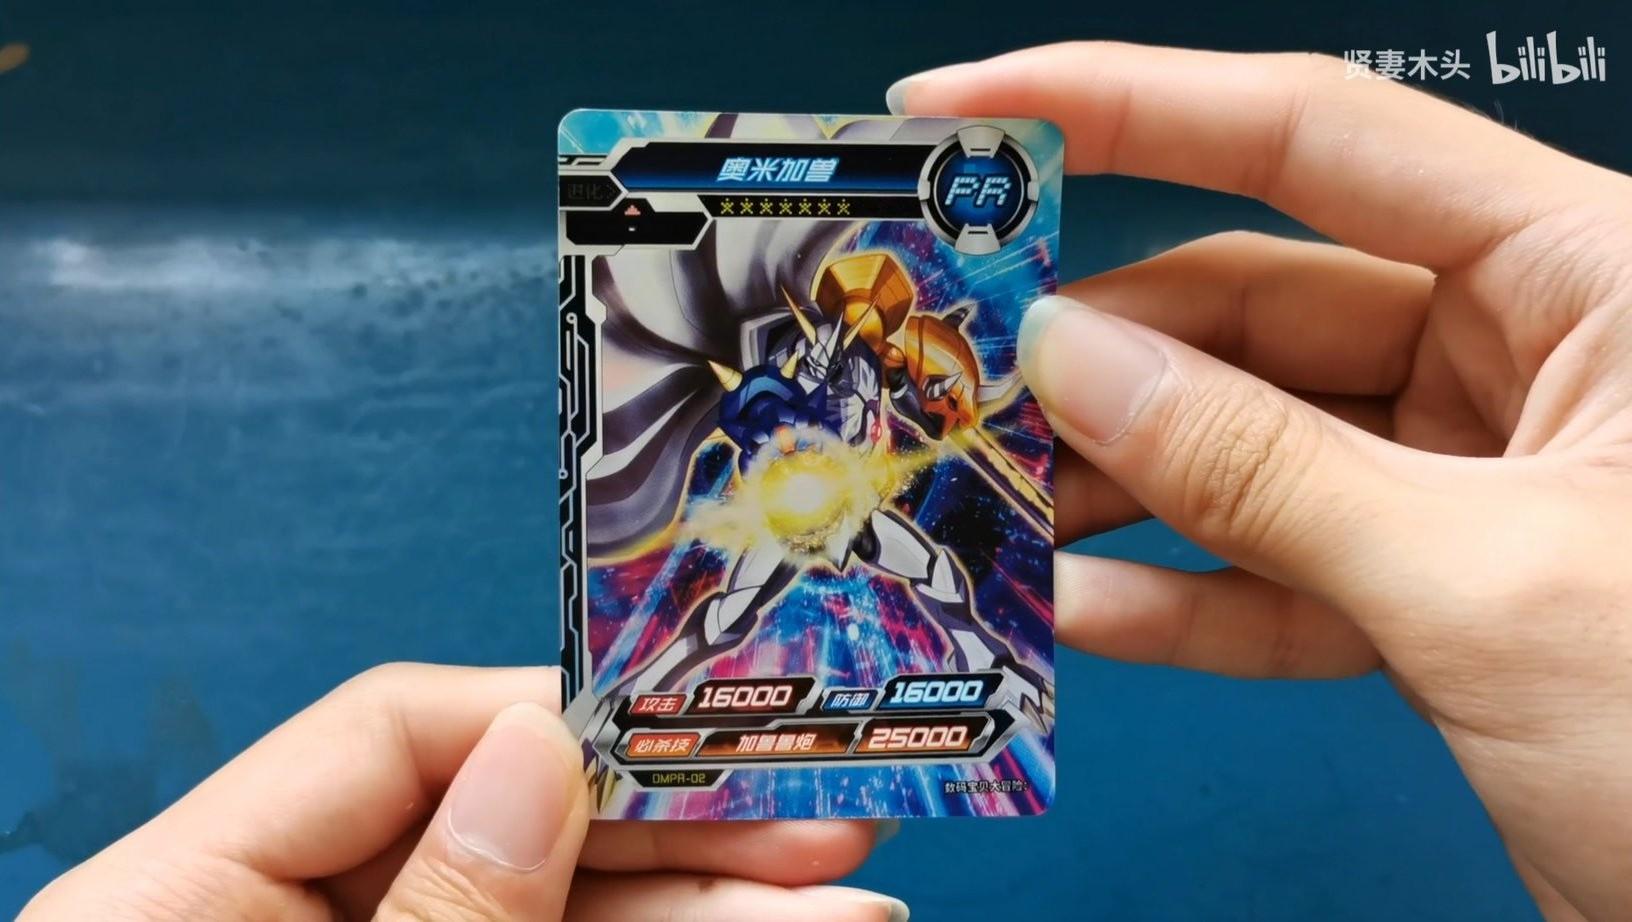 chinesecards05_september25_2021.jpg